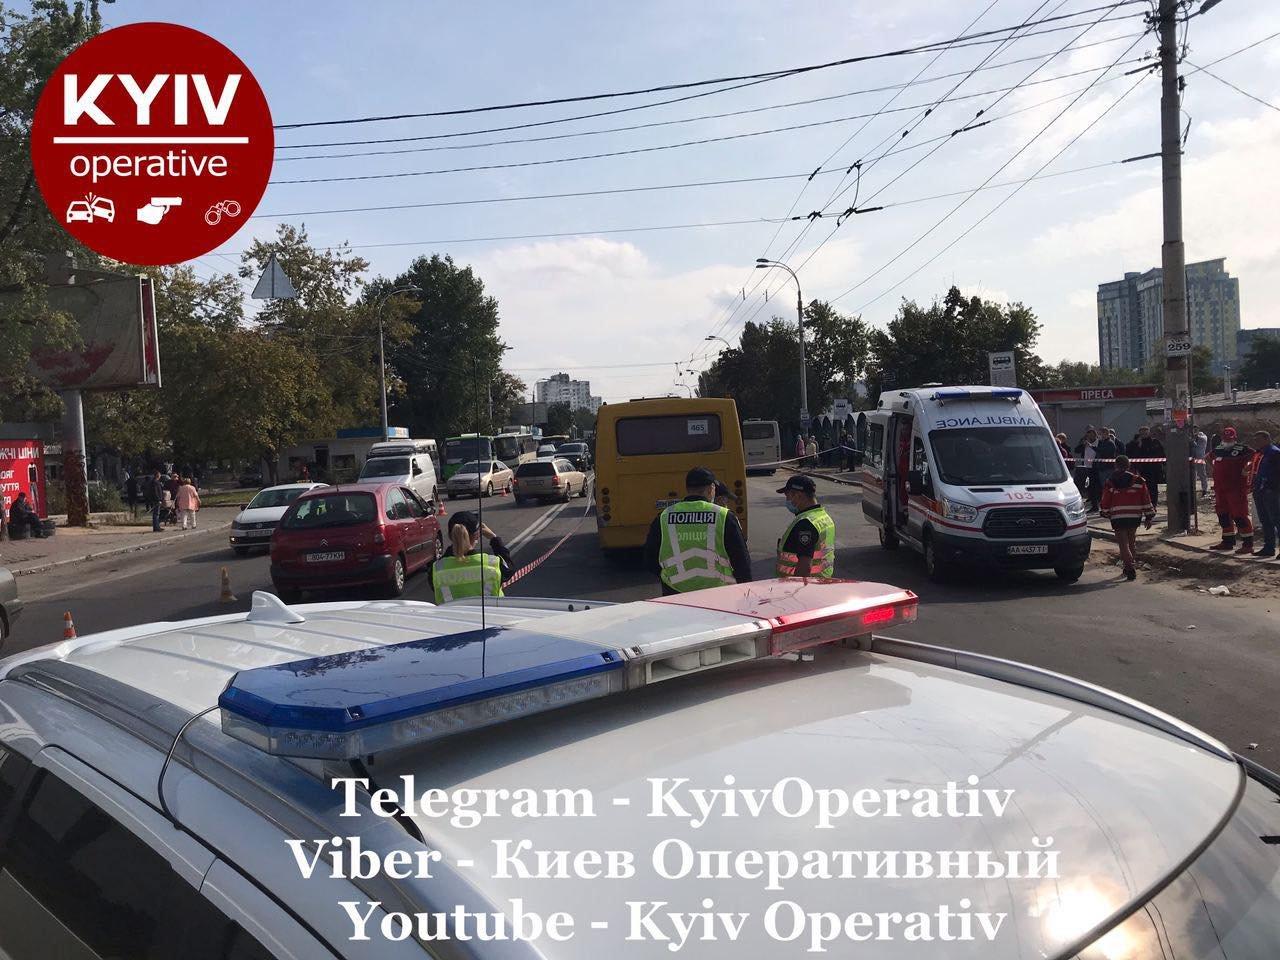 В Киеве на Виноградаре произошло смертельное ДТП с участием маршрутки, ВИДЕО, фото-3